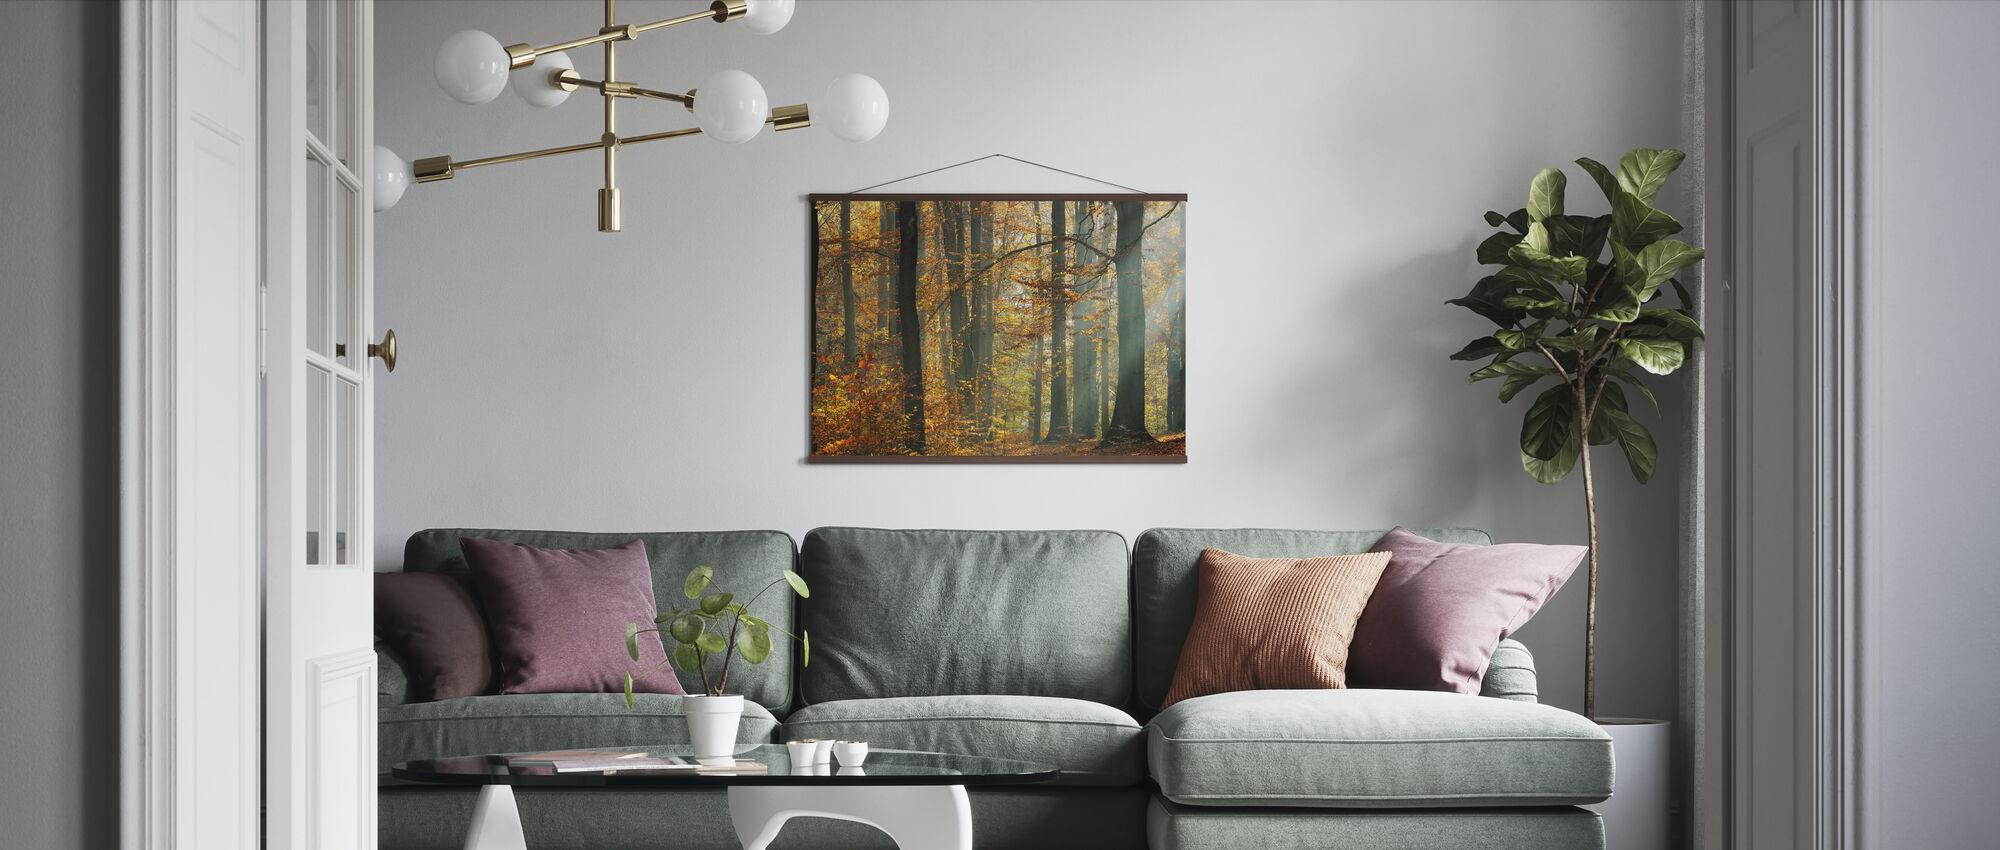 Zonnestralen in een kleurrijk herfstbos - Poster - Woonkamer